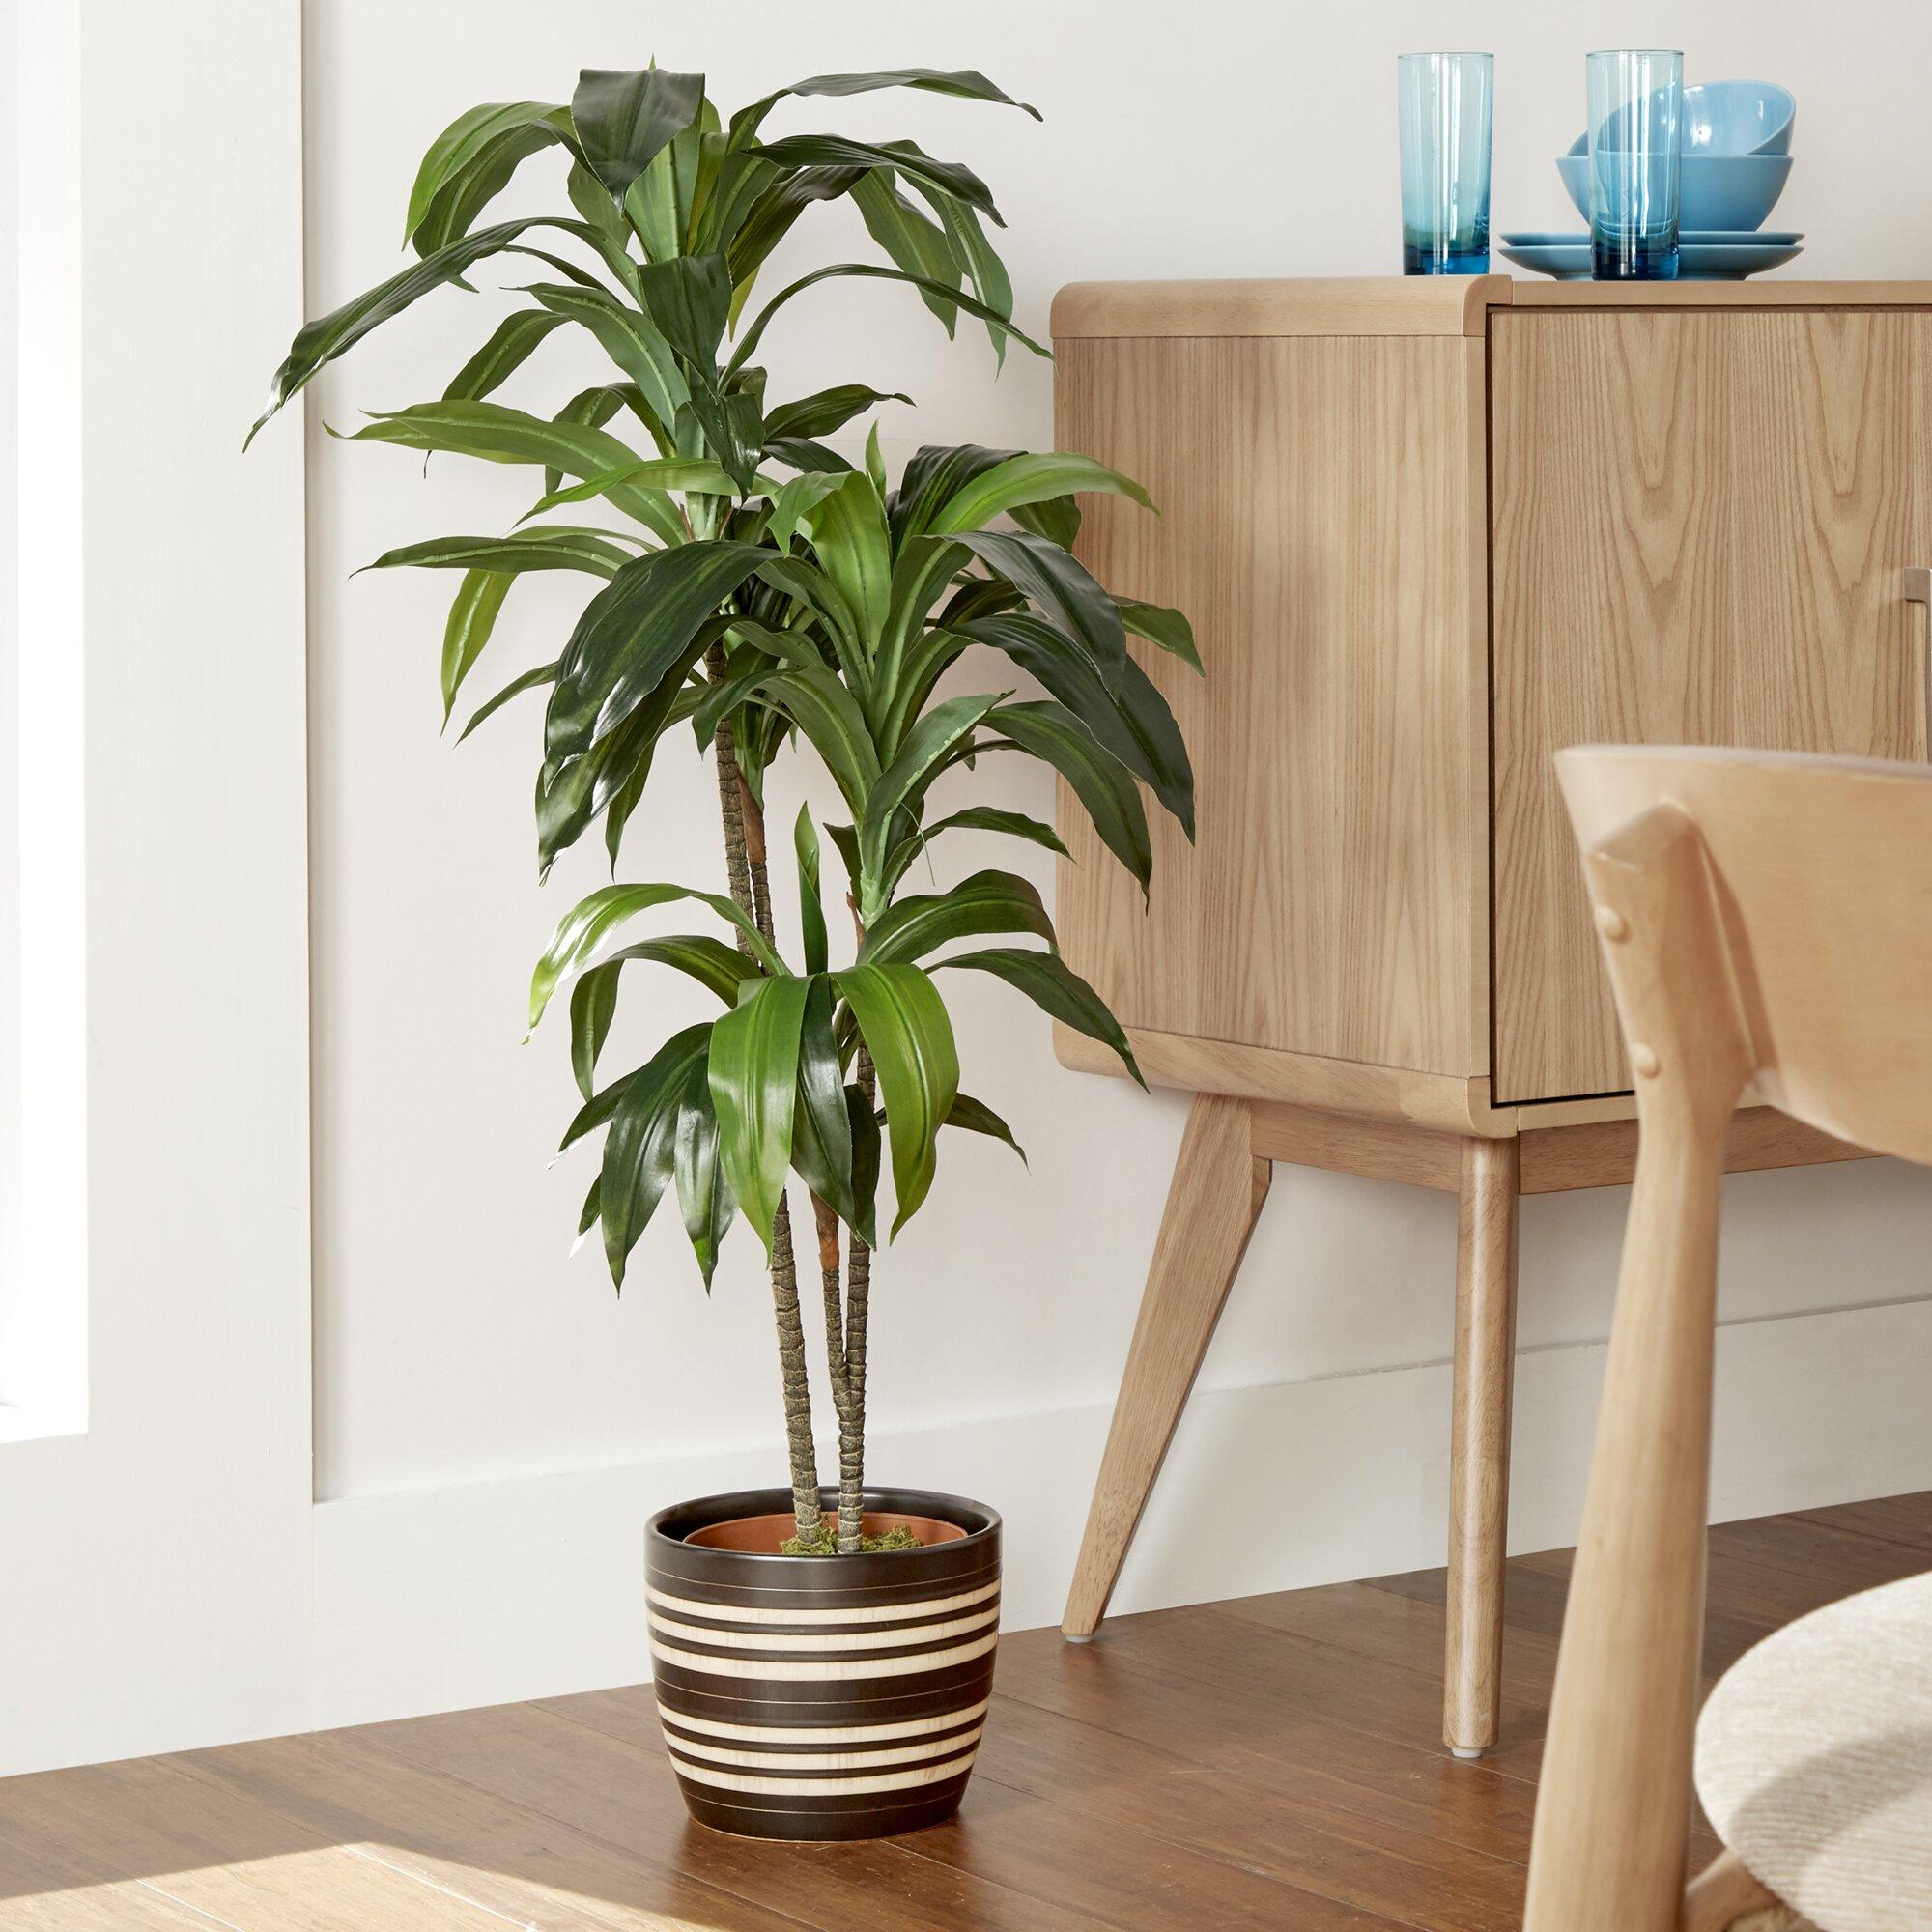 Corrigan Studio Silk Floor Plant In Pot Reviews